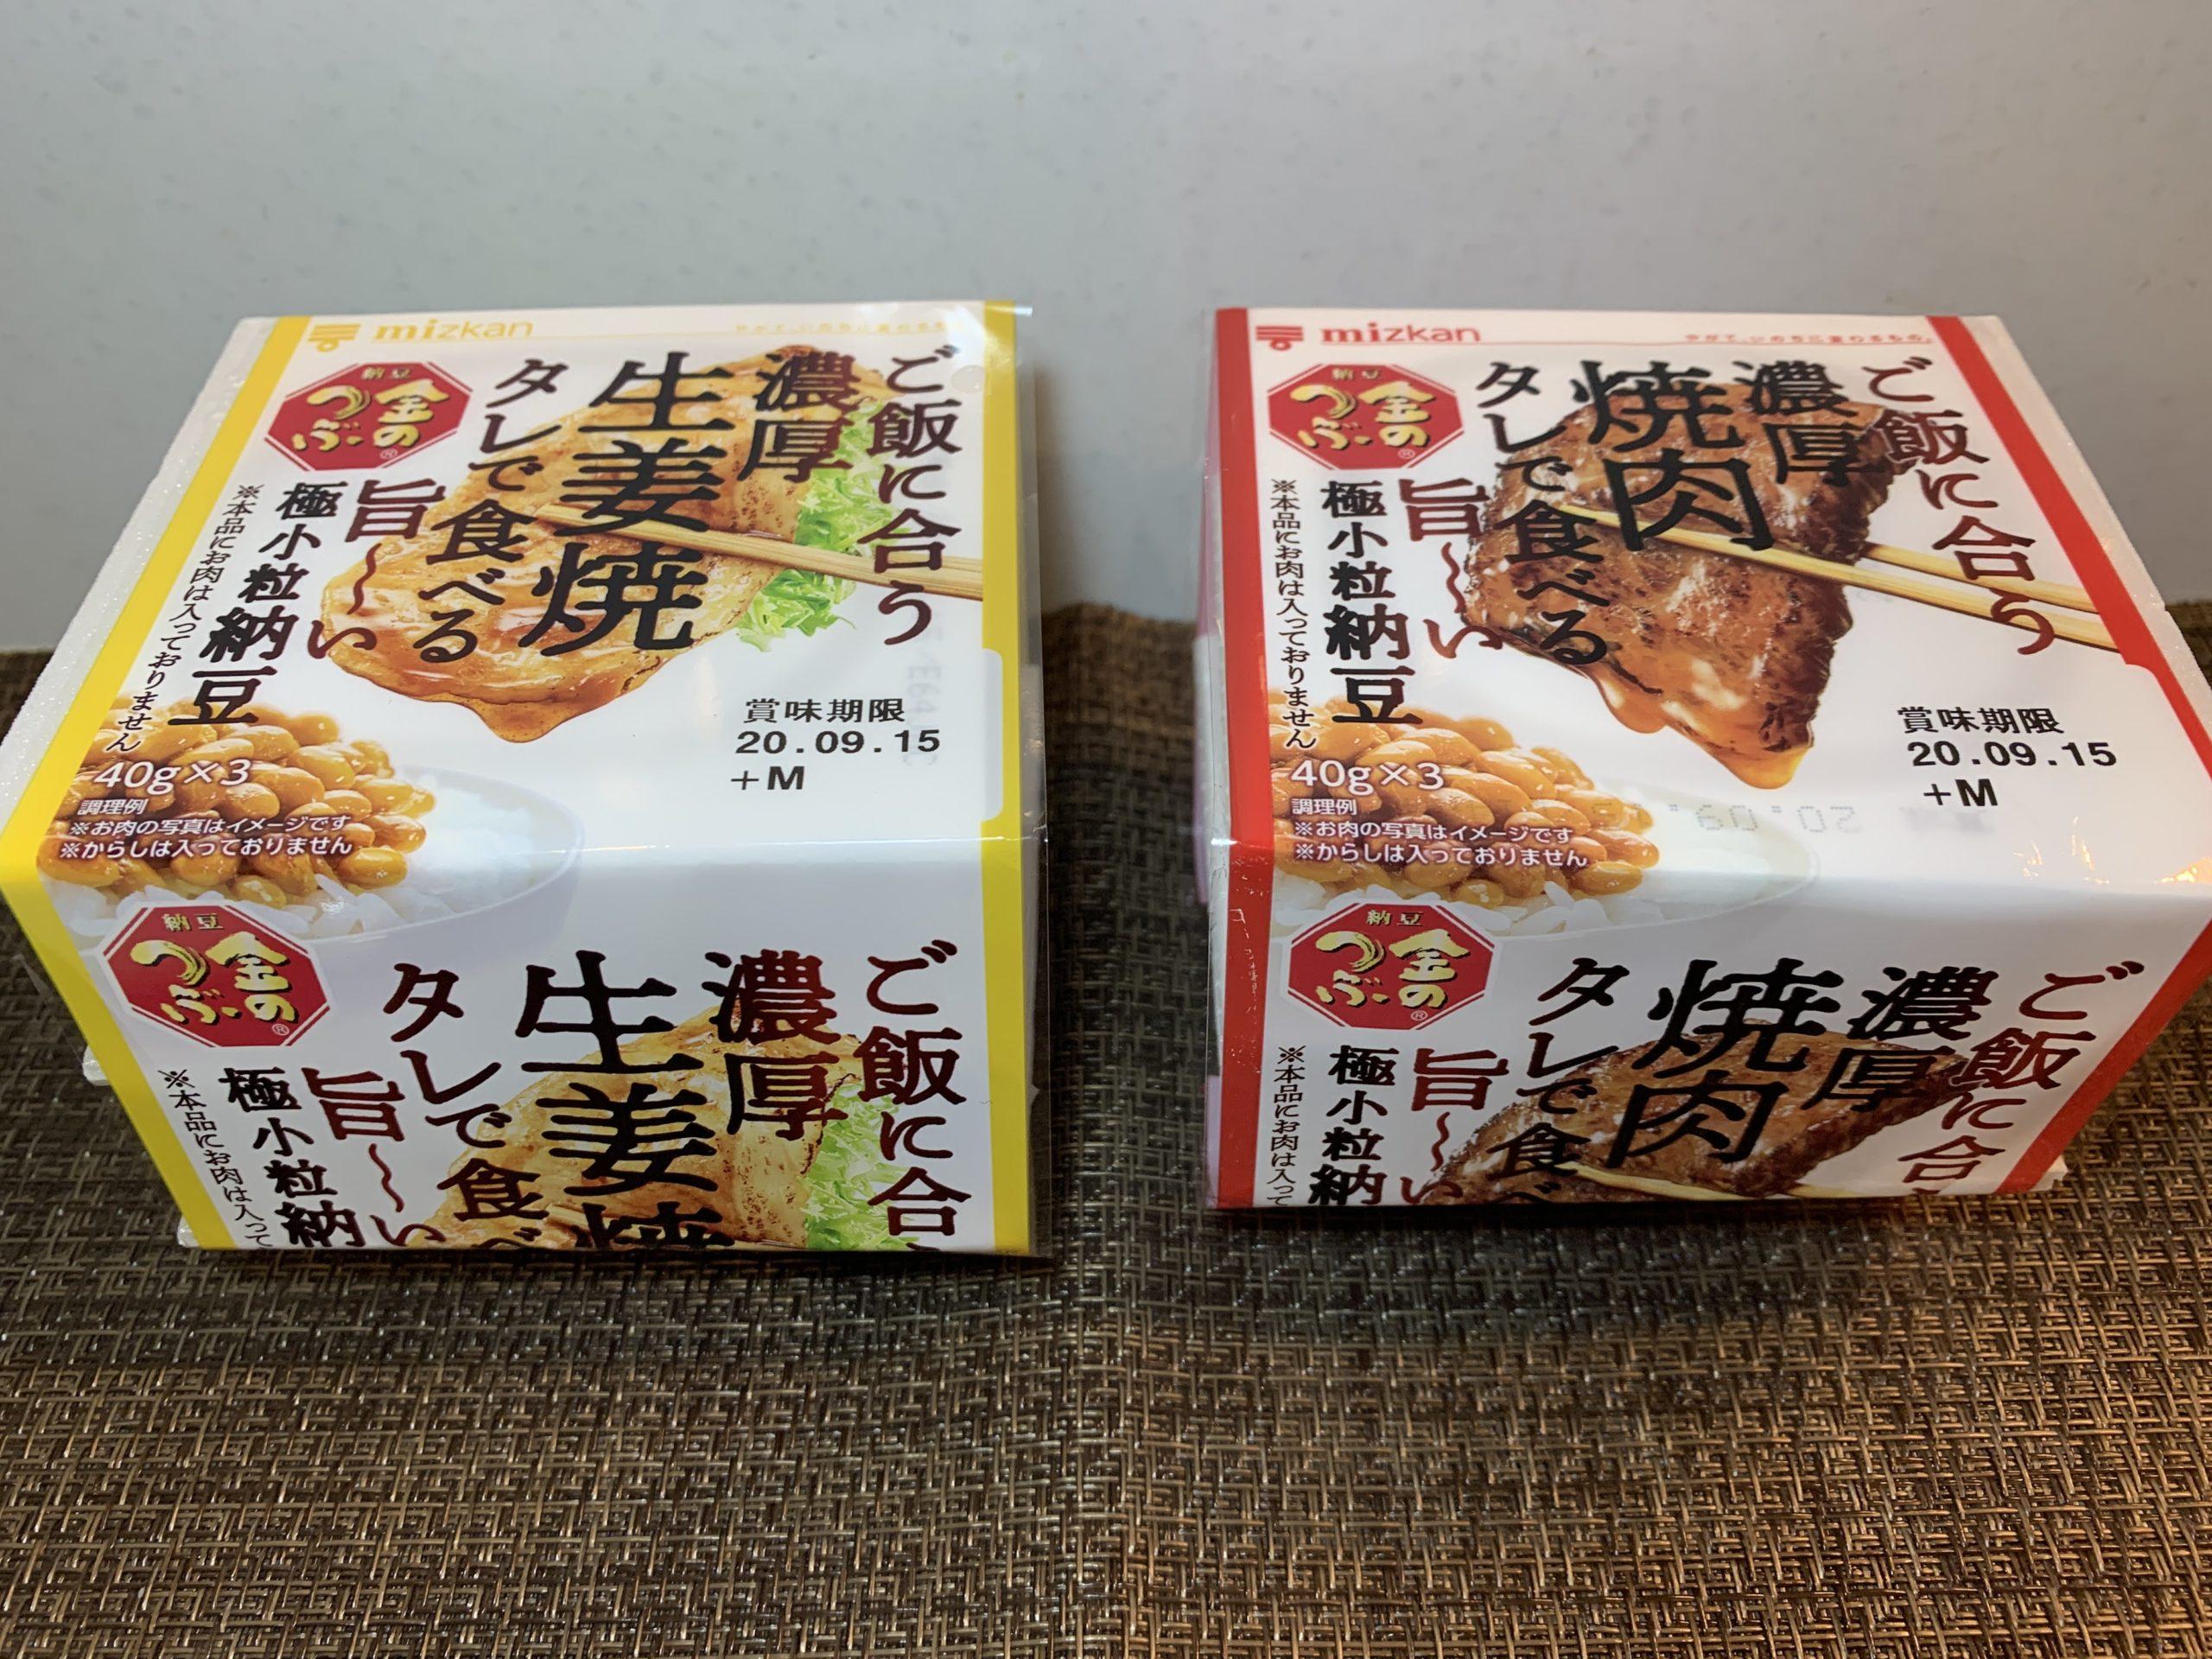 ミツカン金のつぶ納豆:濃厚焼肉タレ&濃厚生姜焼タレの食べ比べ